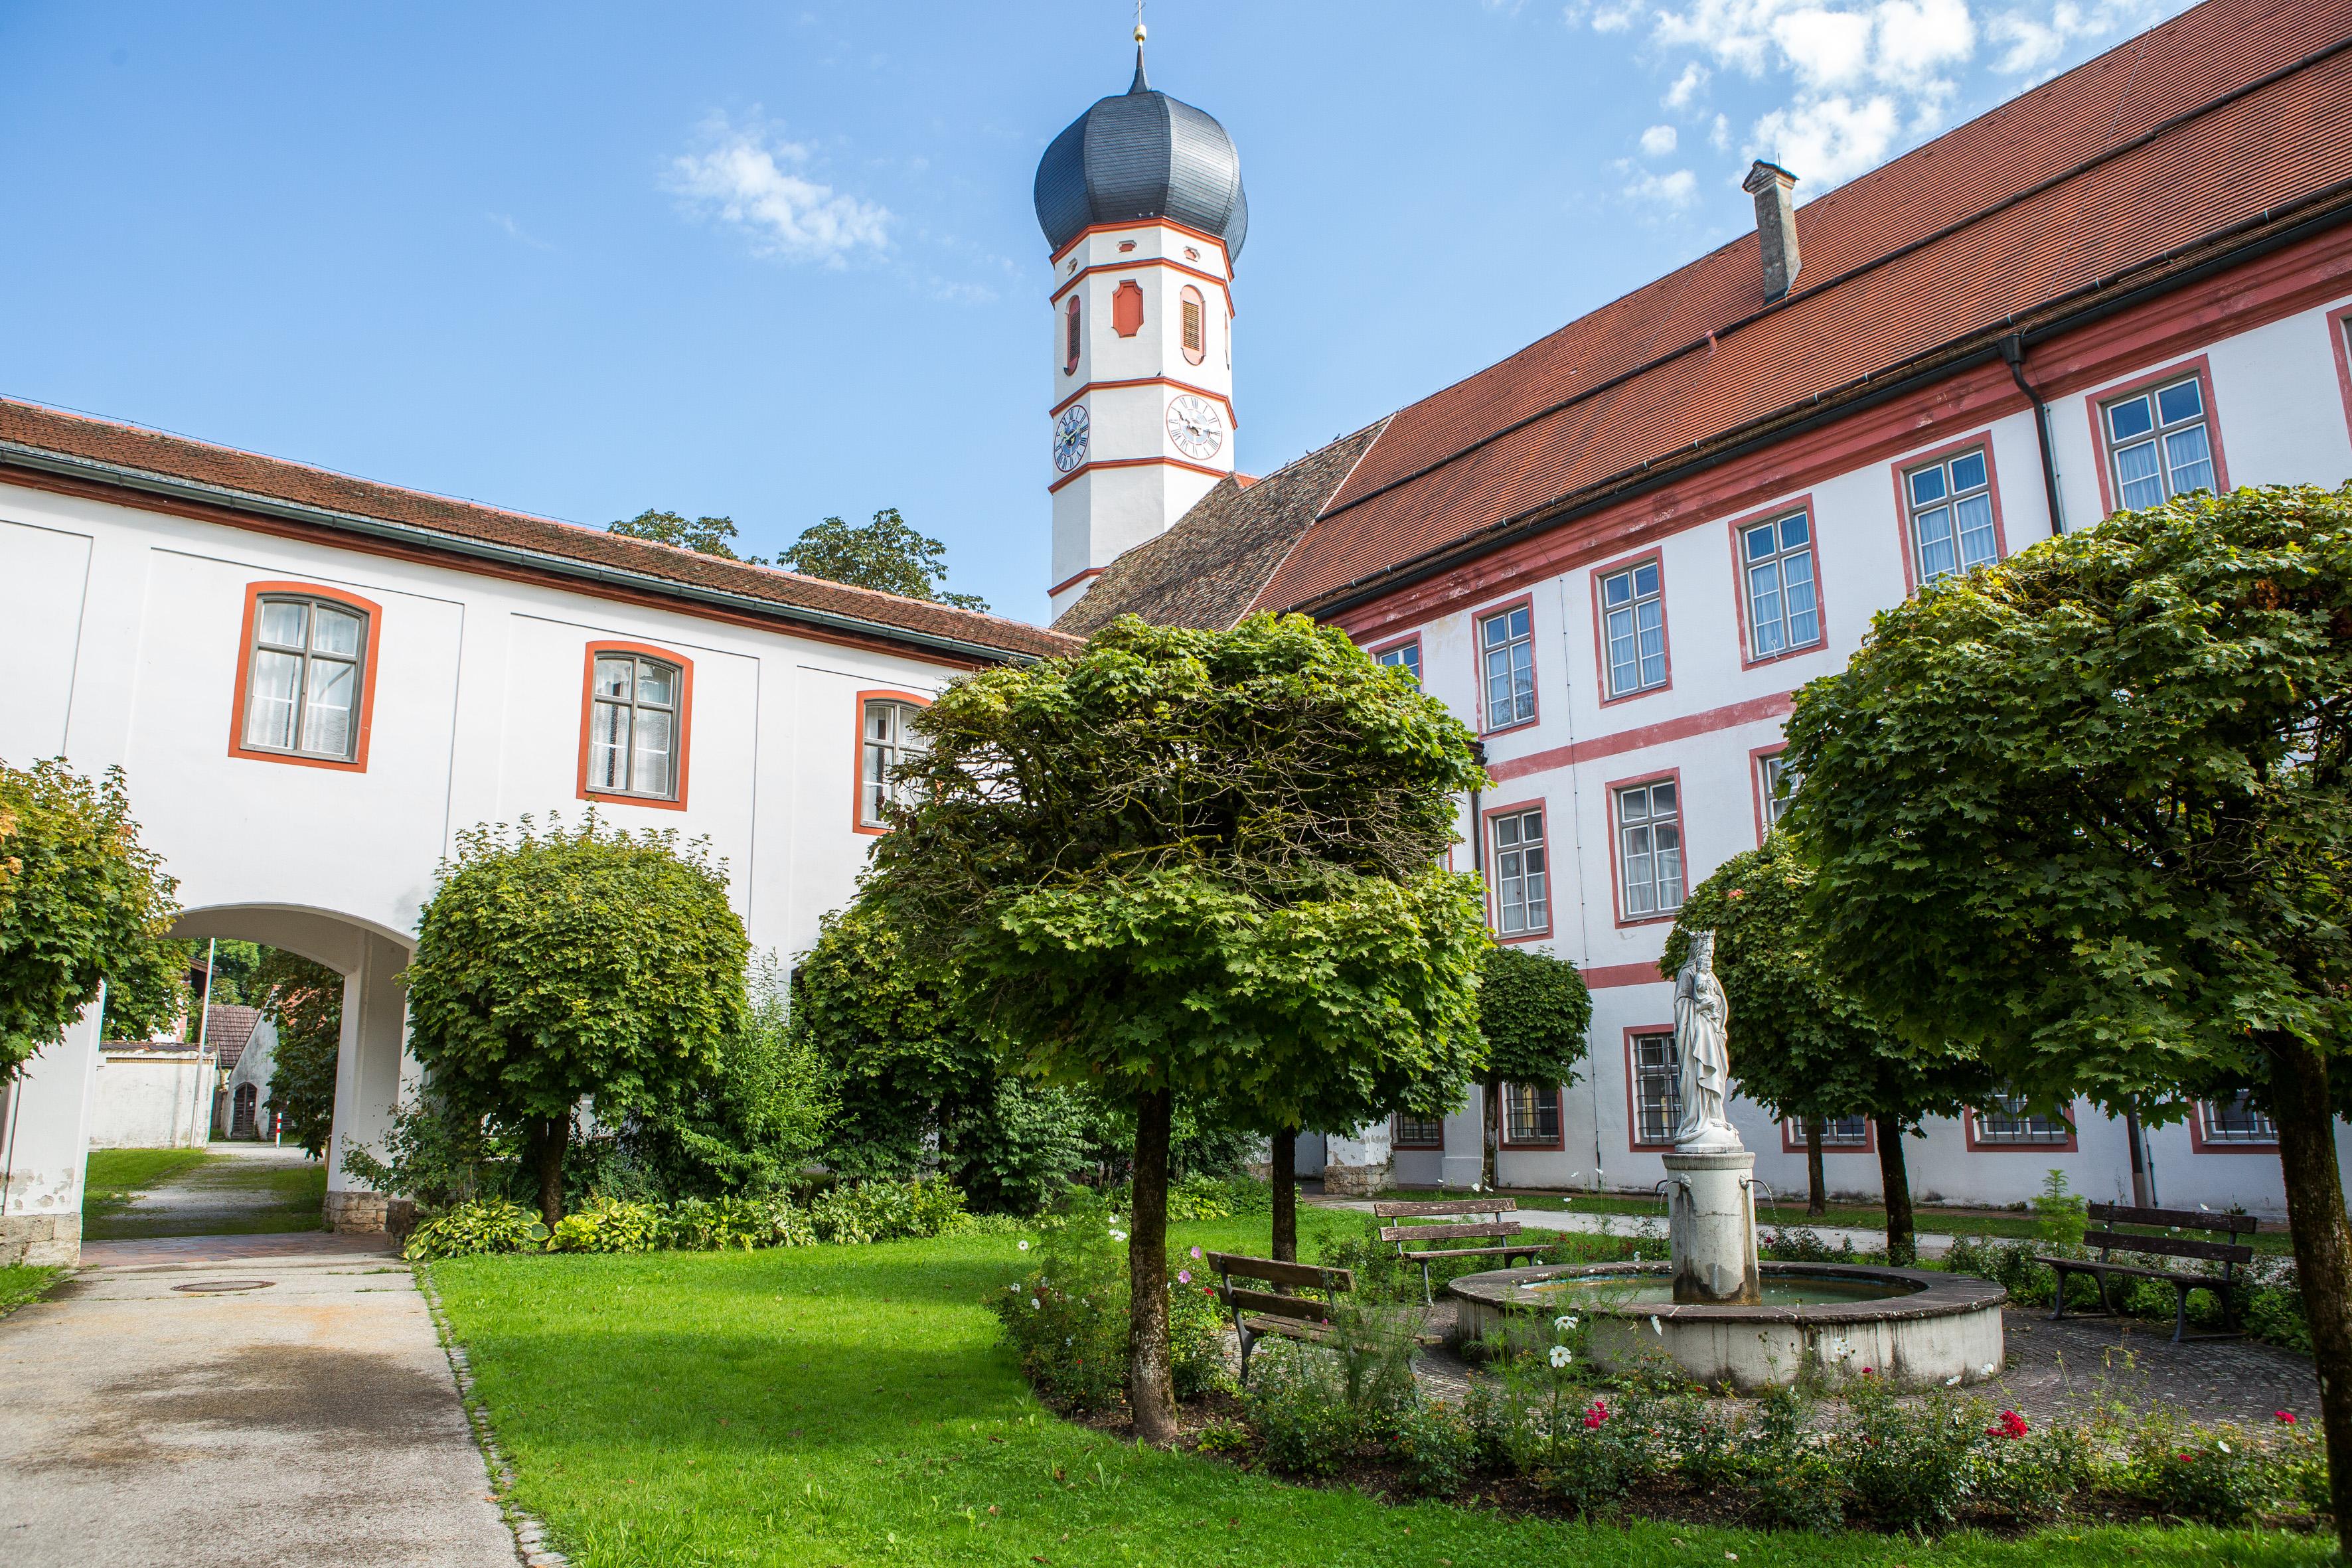 kloster beuerberg